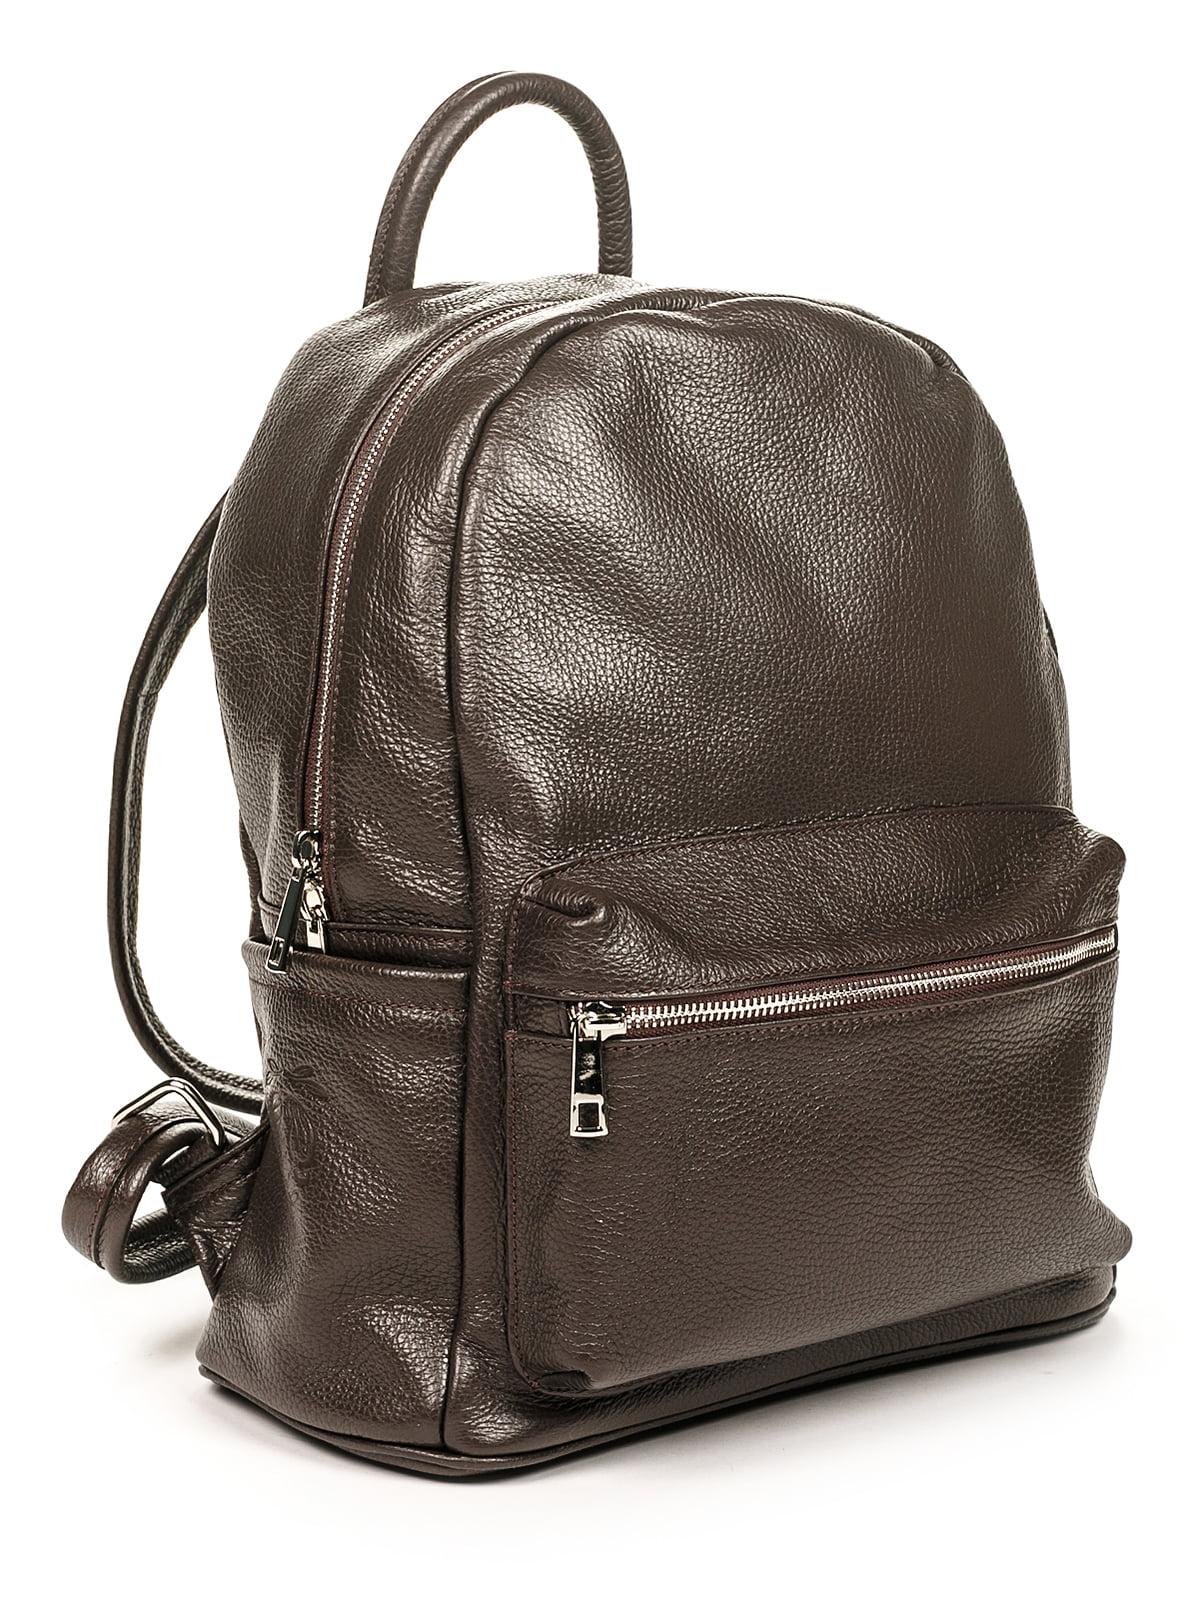 Рюкзак коричневий | 4979530 | фото 2